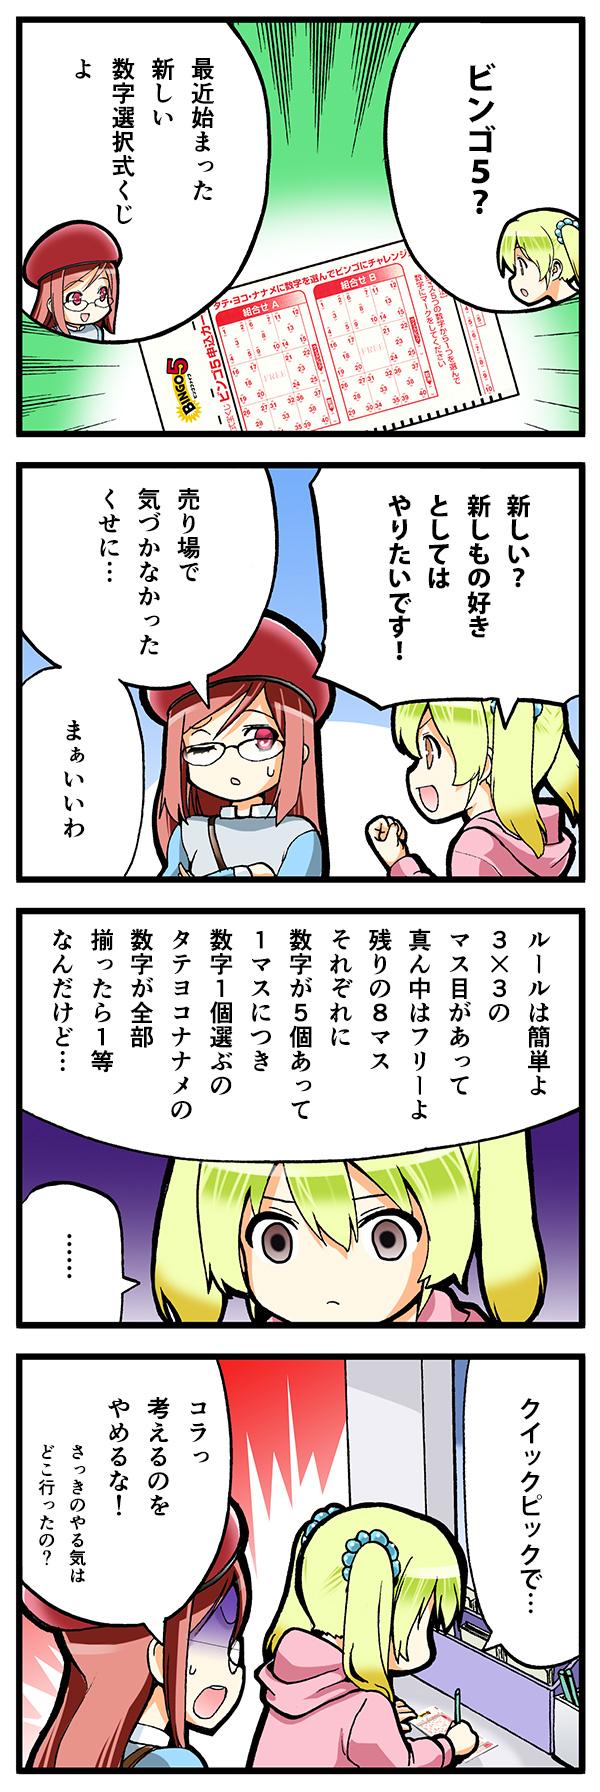 ロトナンガール10